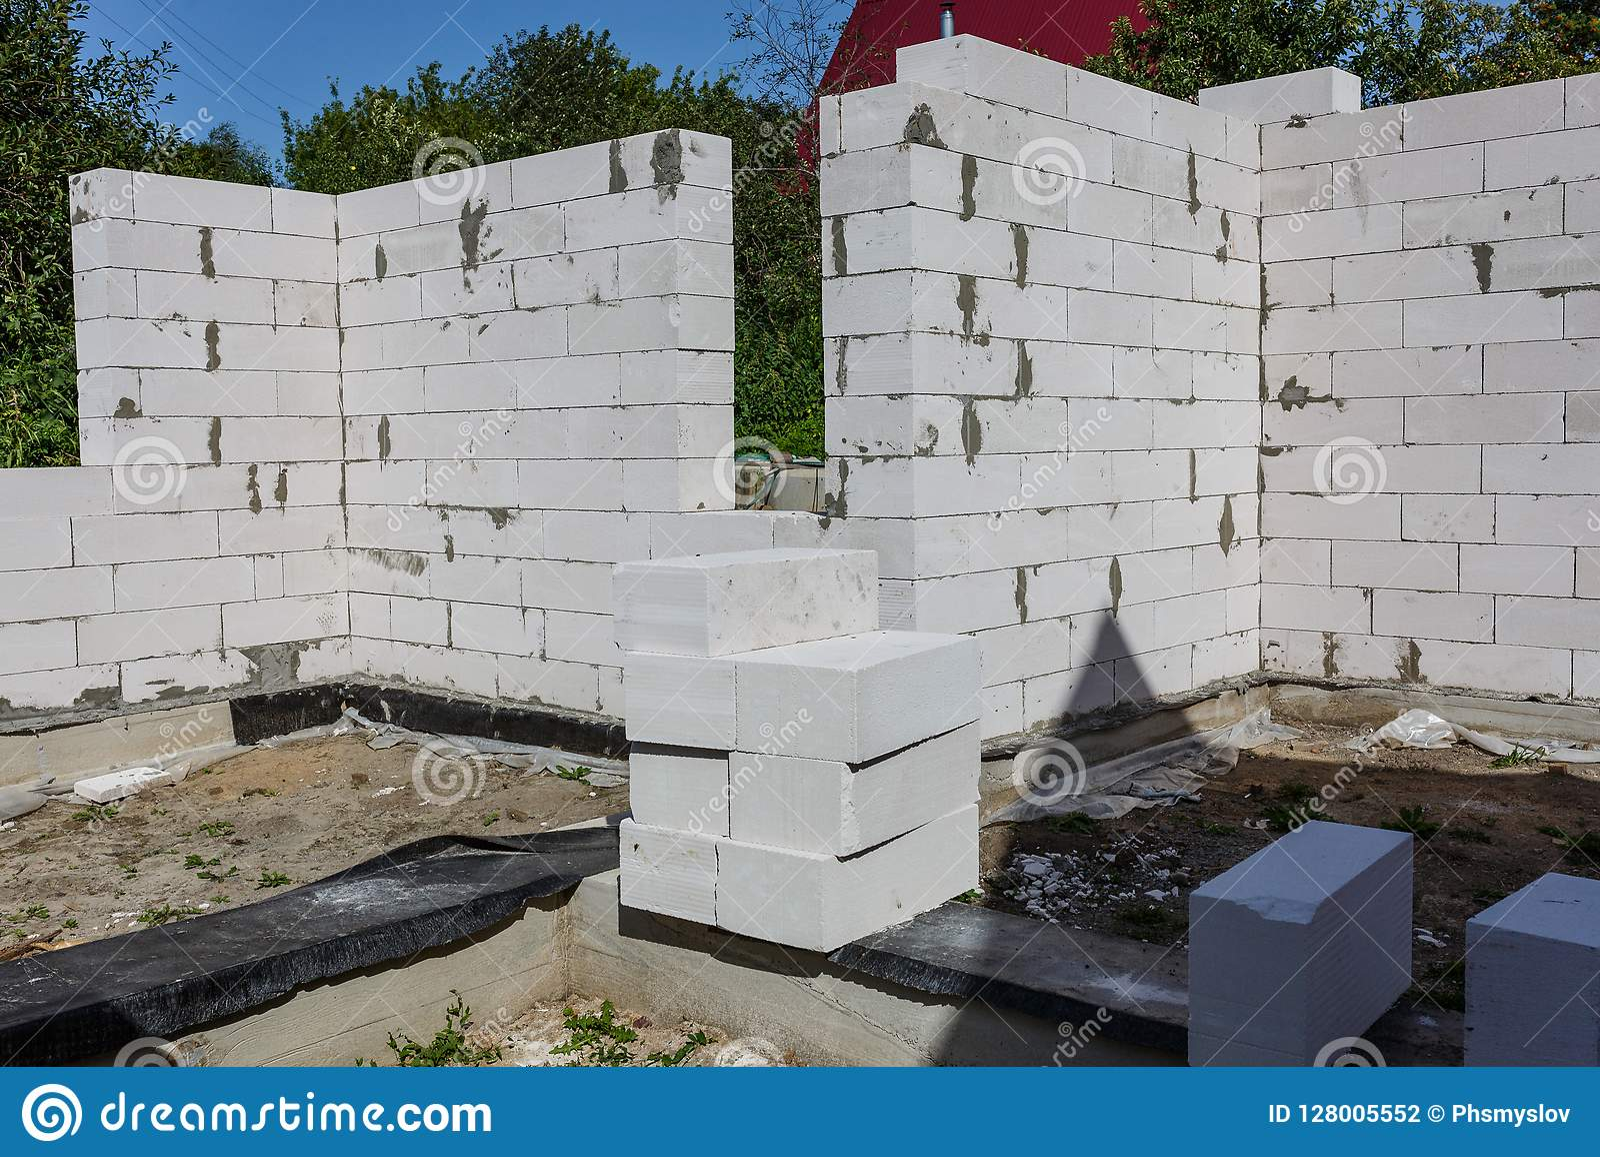 Binnenland van een buitenhuis in aanbouw Plaats waarop de muren van gas concrete blokken worden gebouwd